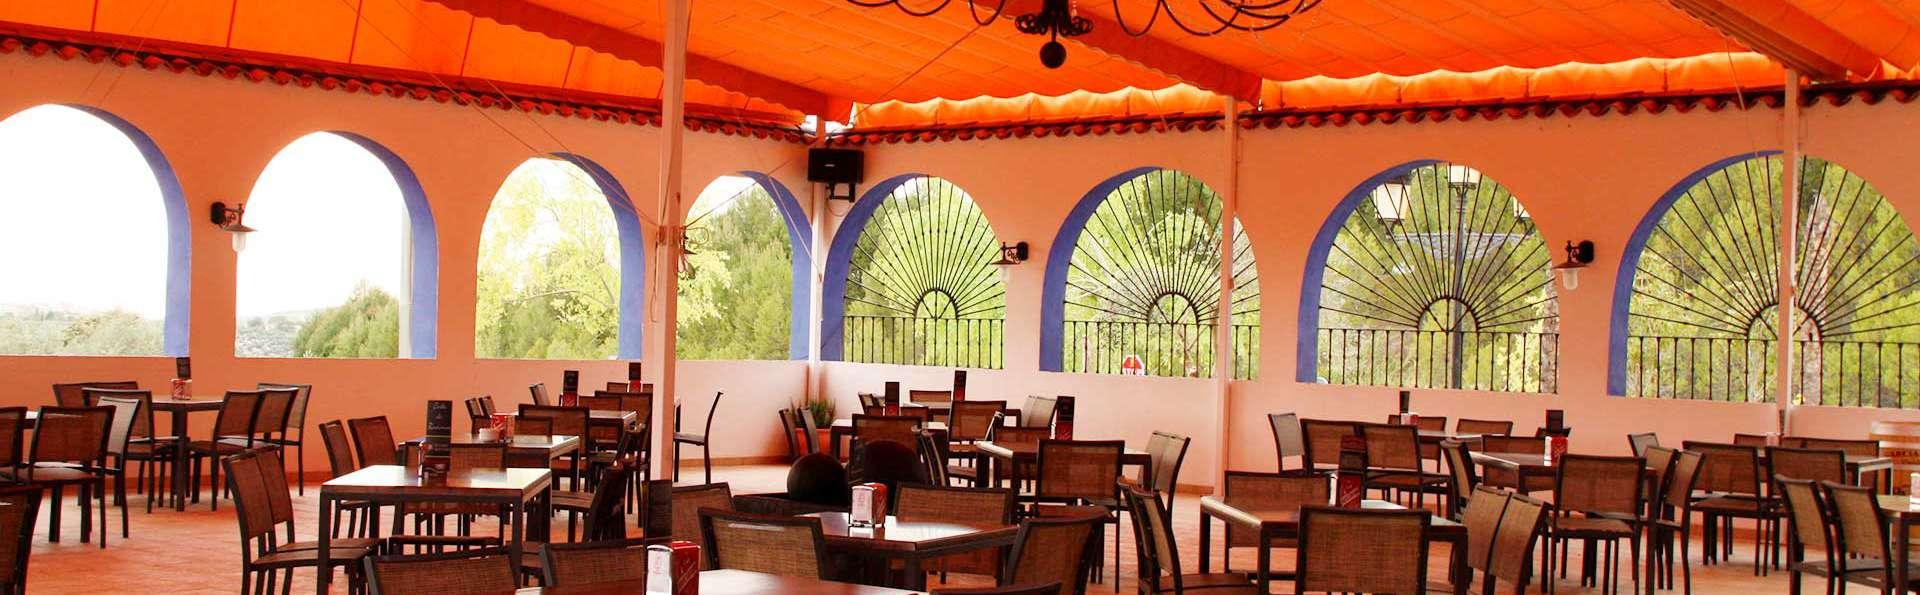 Séjournez dans un hôtel au pied de la sierra de Cazorla avec dîner inclus